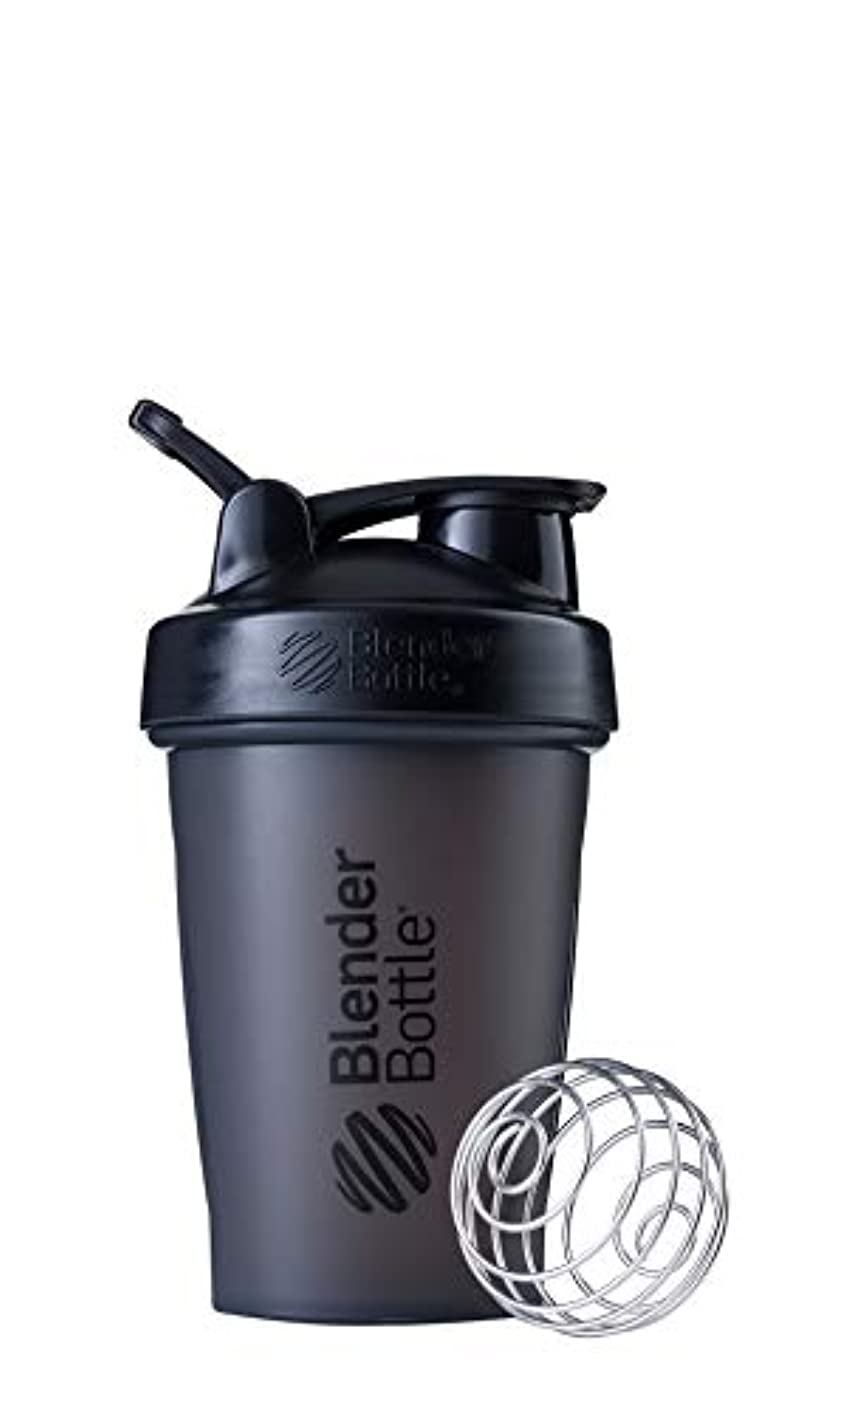 ドリルどれ机ブレンダーボトル 【日本正規品】 ミキサー シェーカー ボトル Classic 20オンス (600ml) ブラック BBCLE20 FCBK